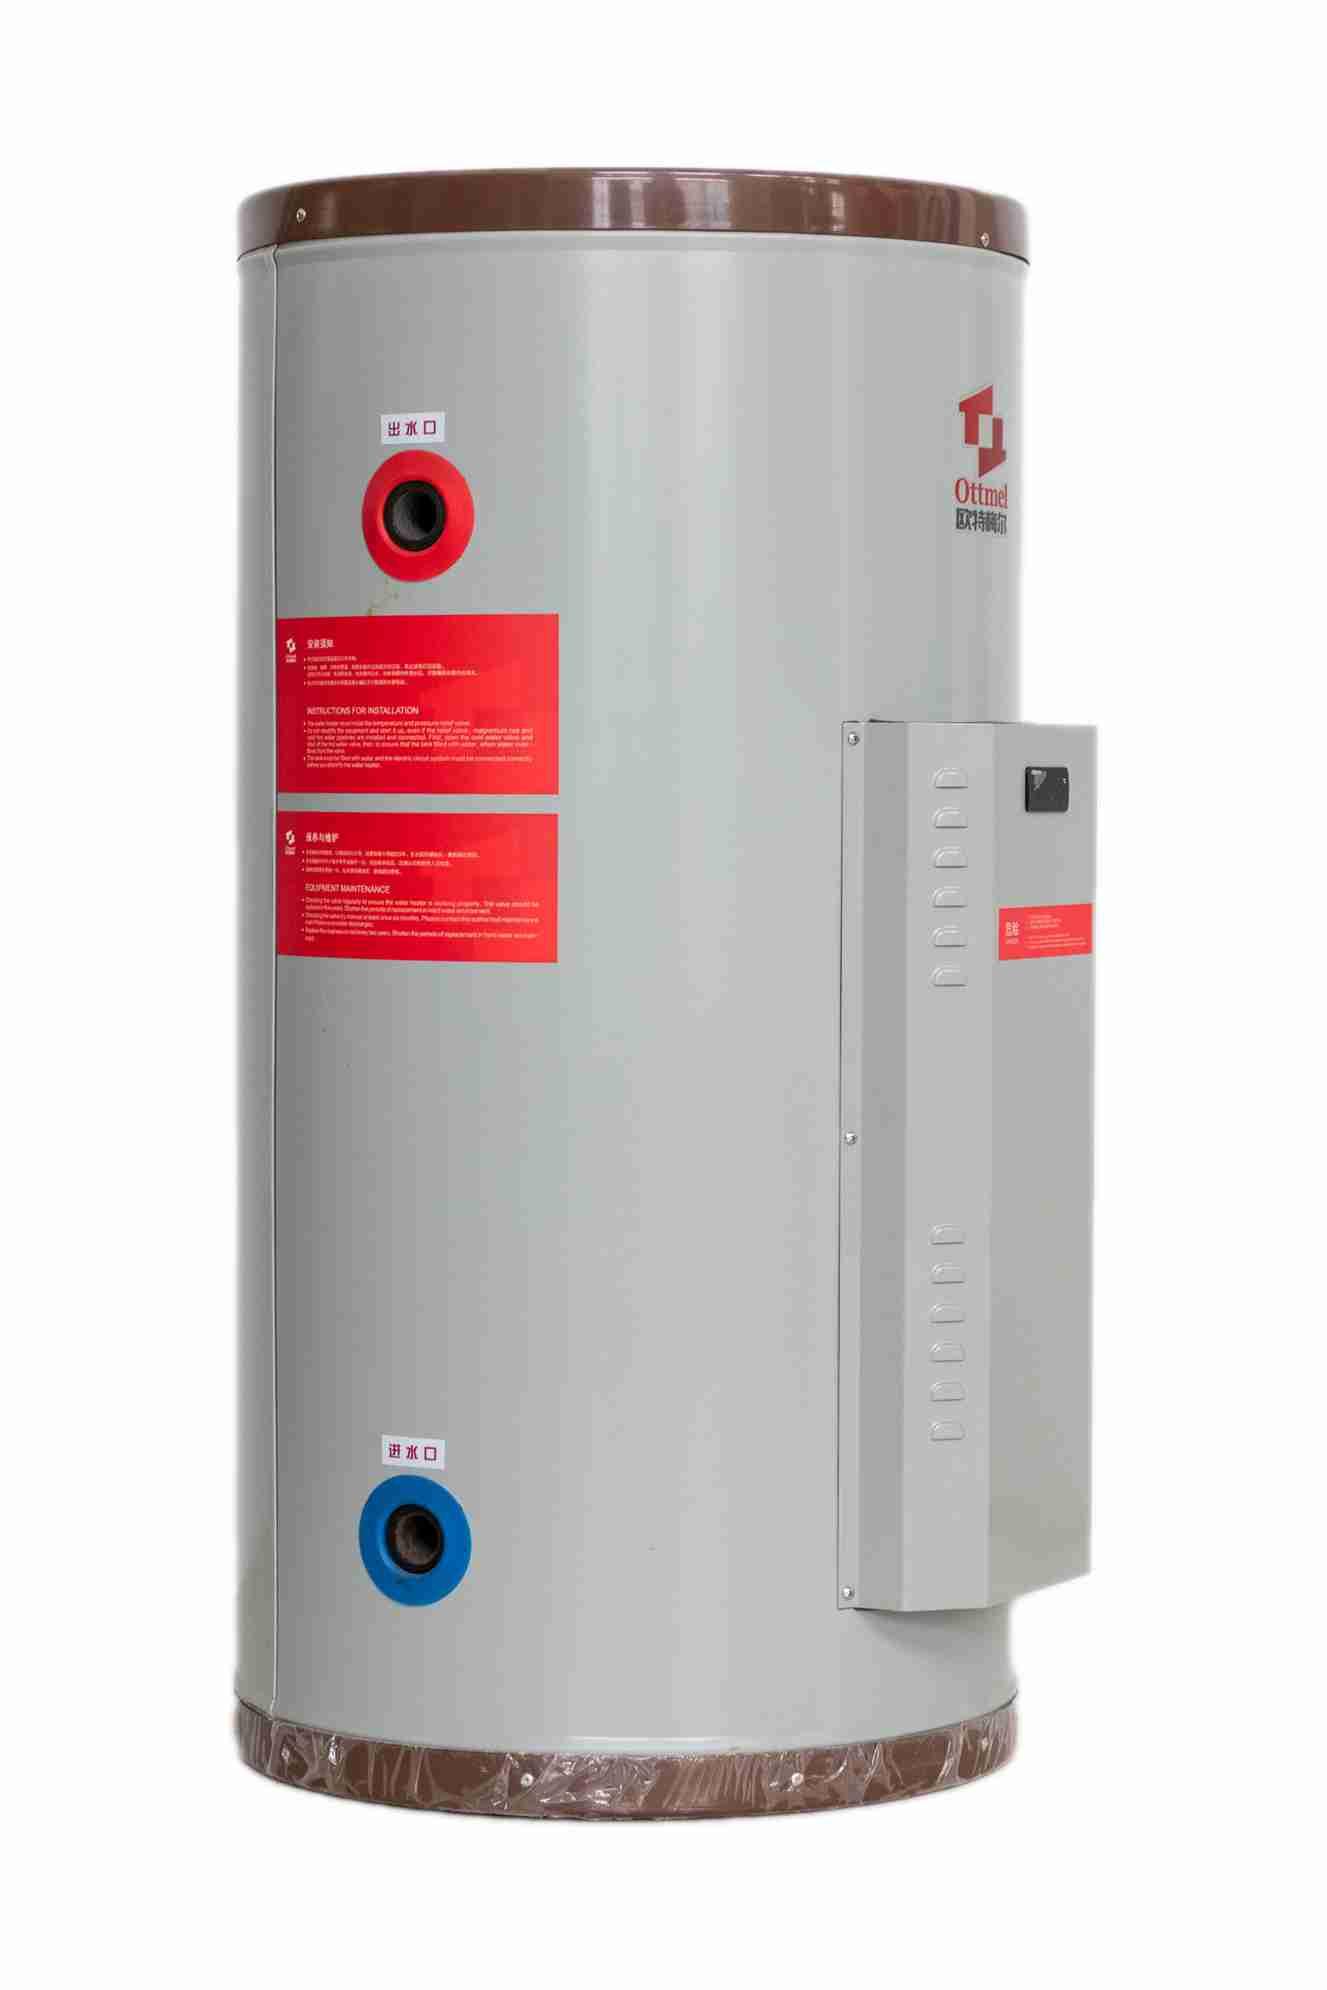 瑞美CEA商用容积式热水器代理价格 欧特梅尔新能源供应